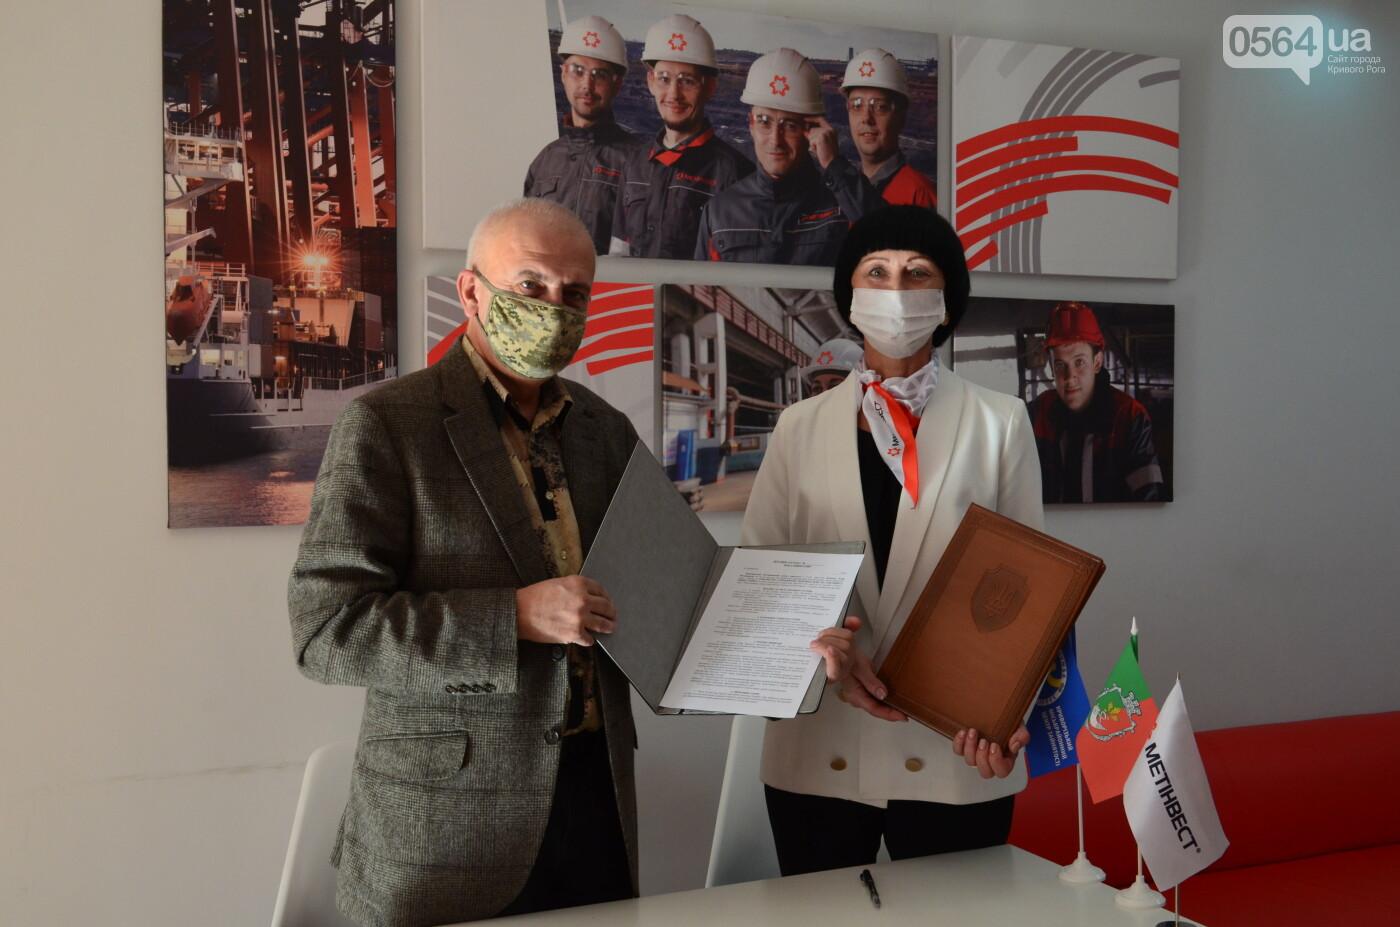 Центр кар'єри Метінвест і Криворізький міськрайонний центр зайнятості підписали договір про співпрацю, фото-4